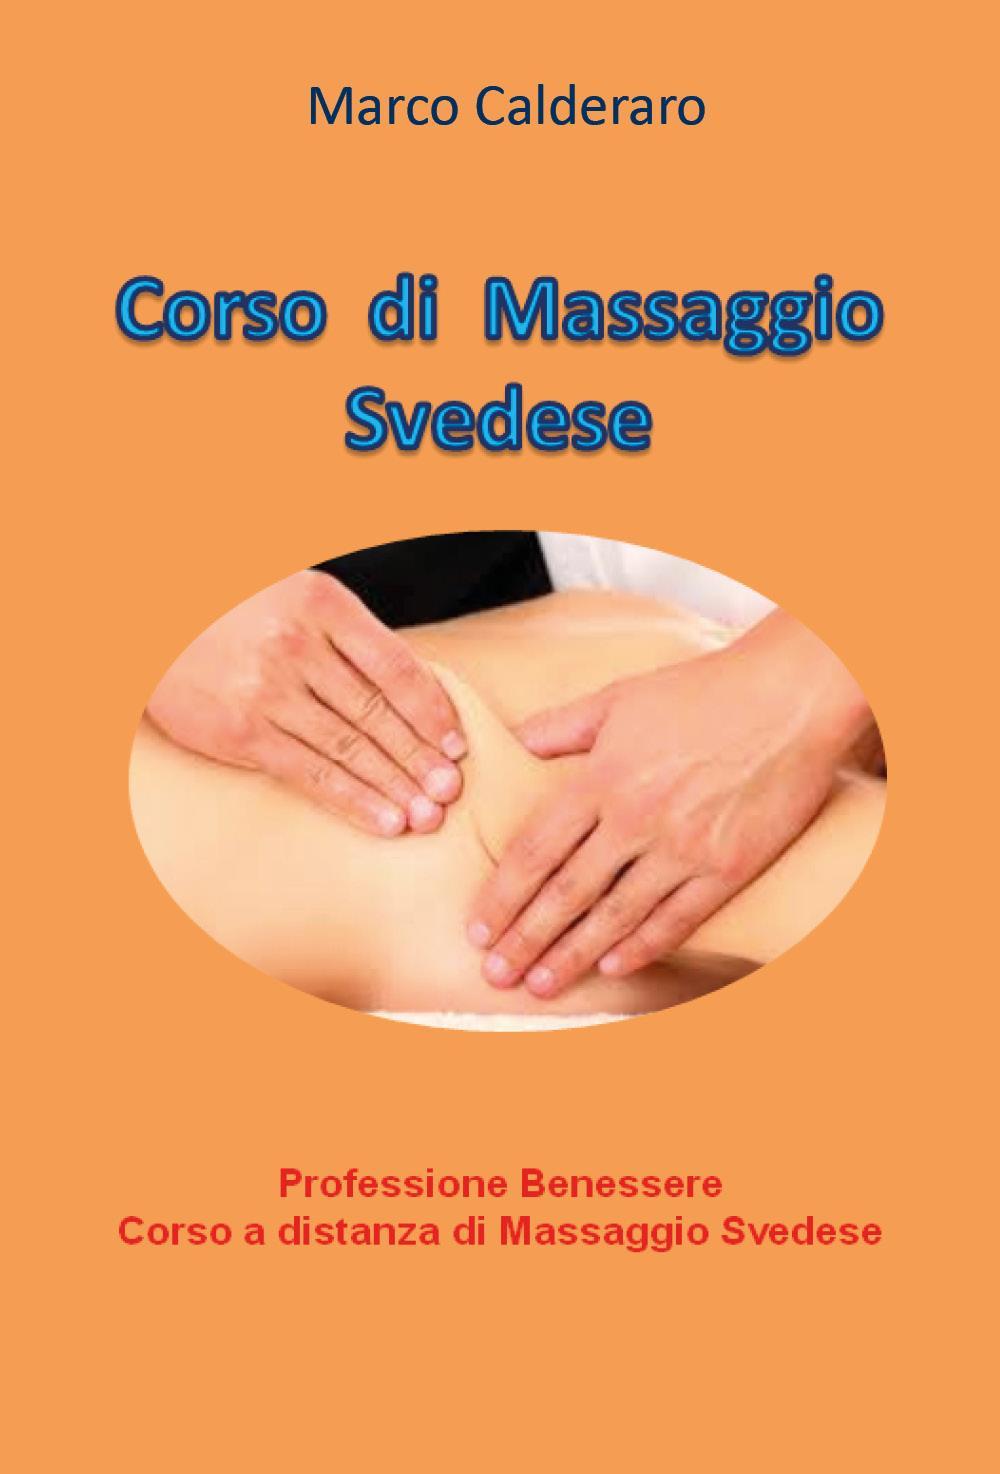 Professione Benessere - Corso a distanza di Massaggio Svedese